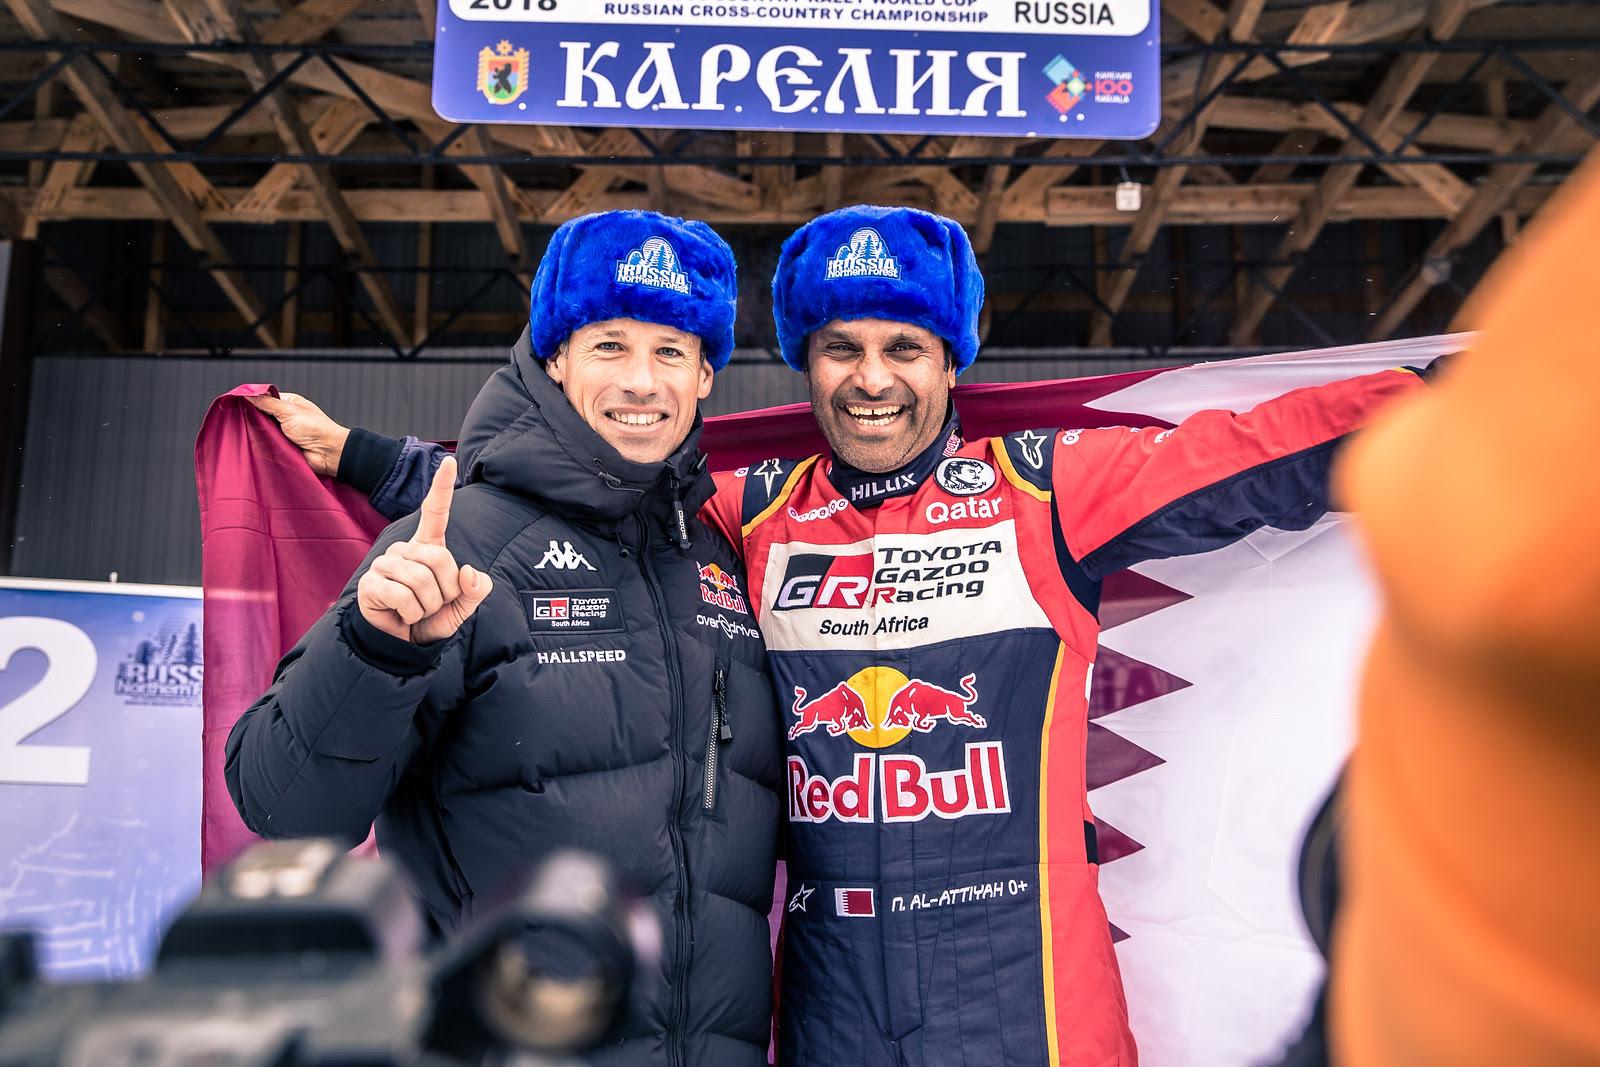 Нассер Аль-Аттия  стал победителем зимнего ралли-рейда